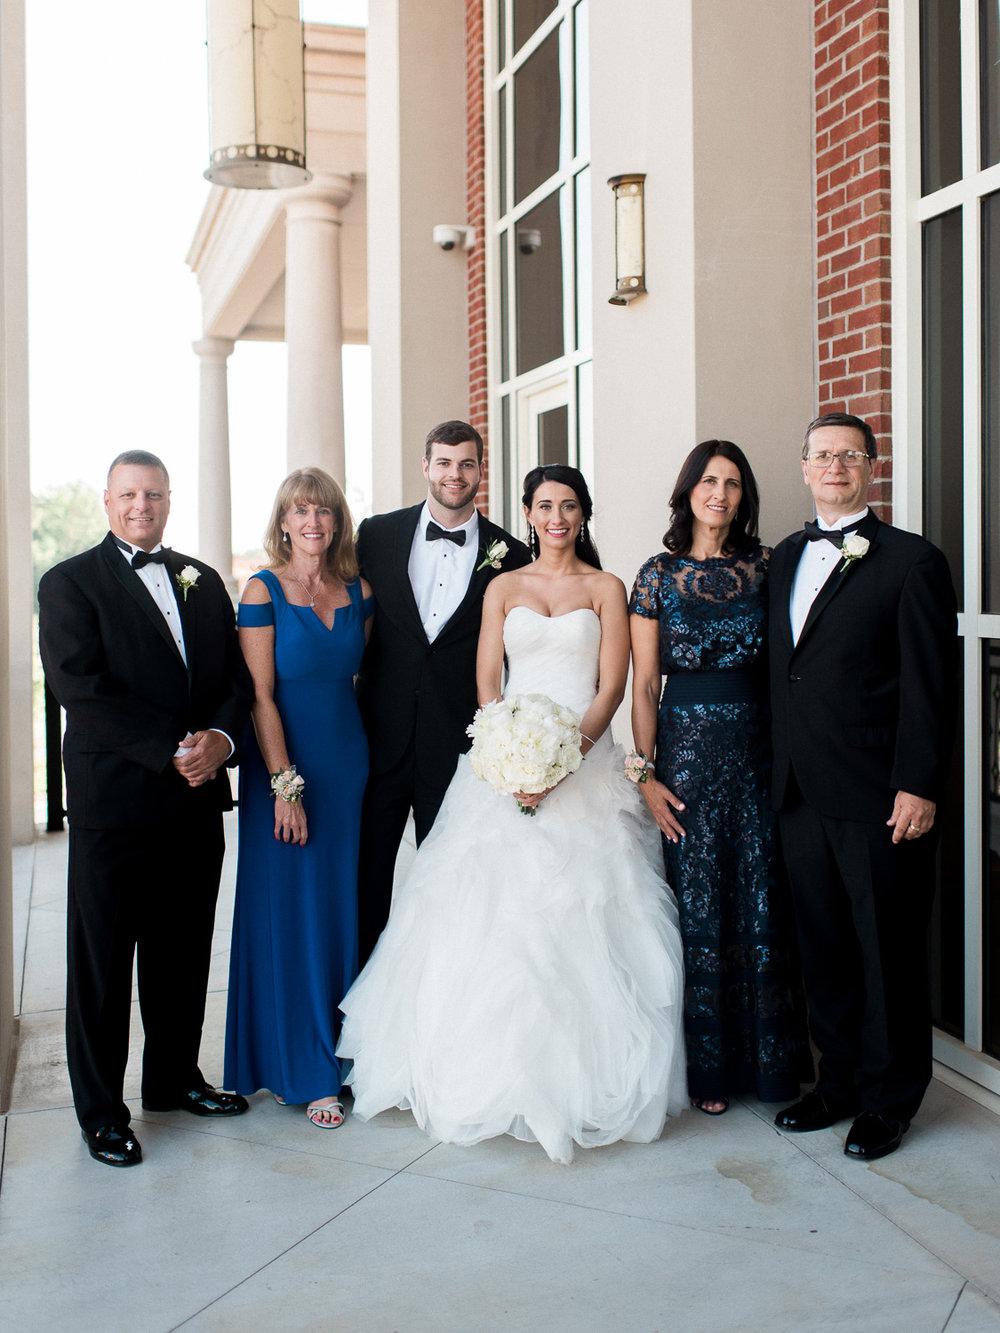 alexgreg-wedding-familyportraits-bridalparty-christinadavisphoto40.jpg